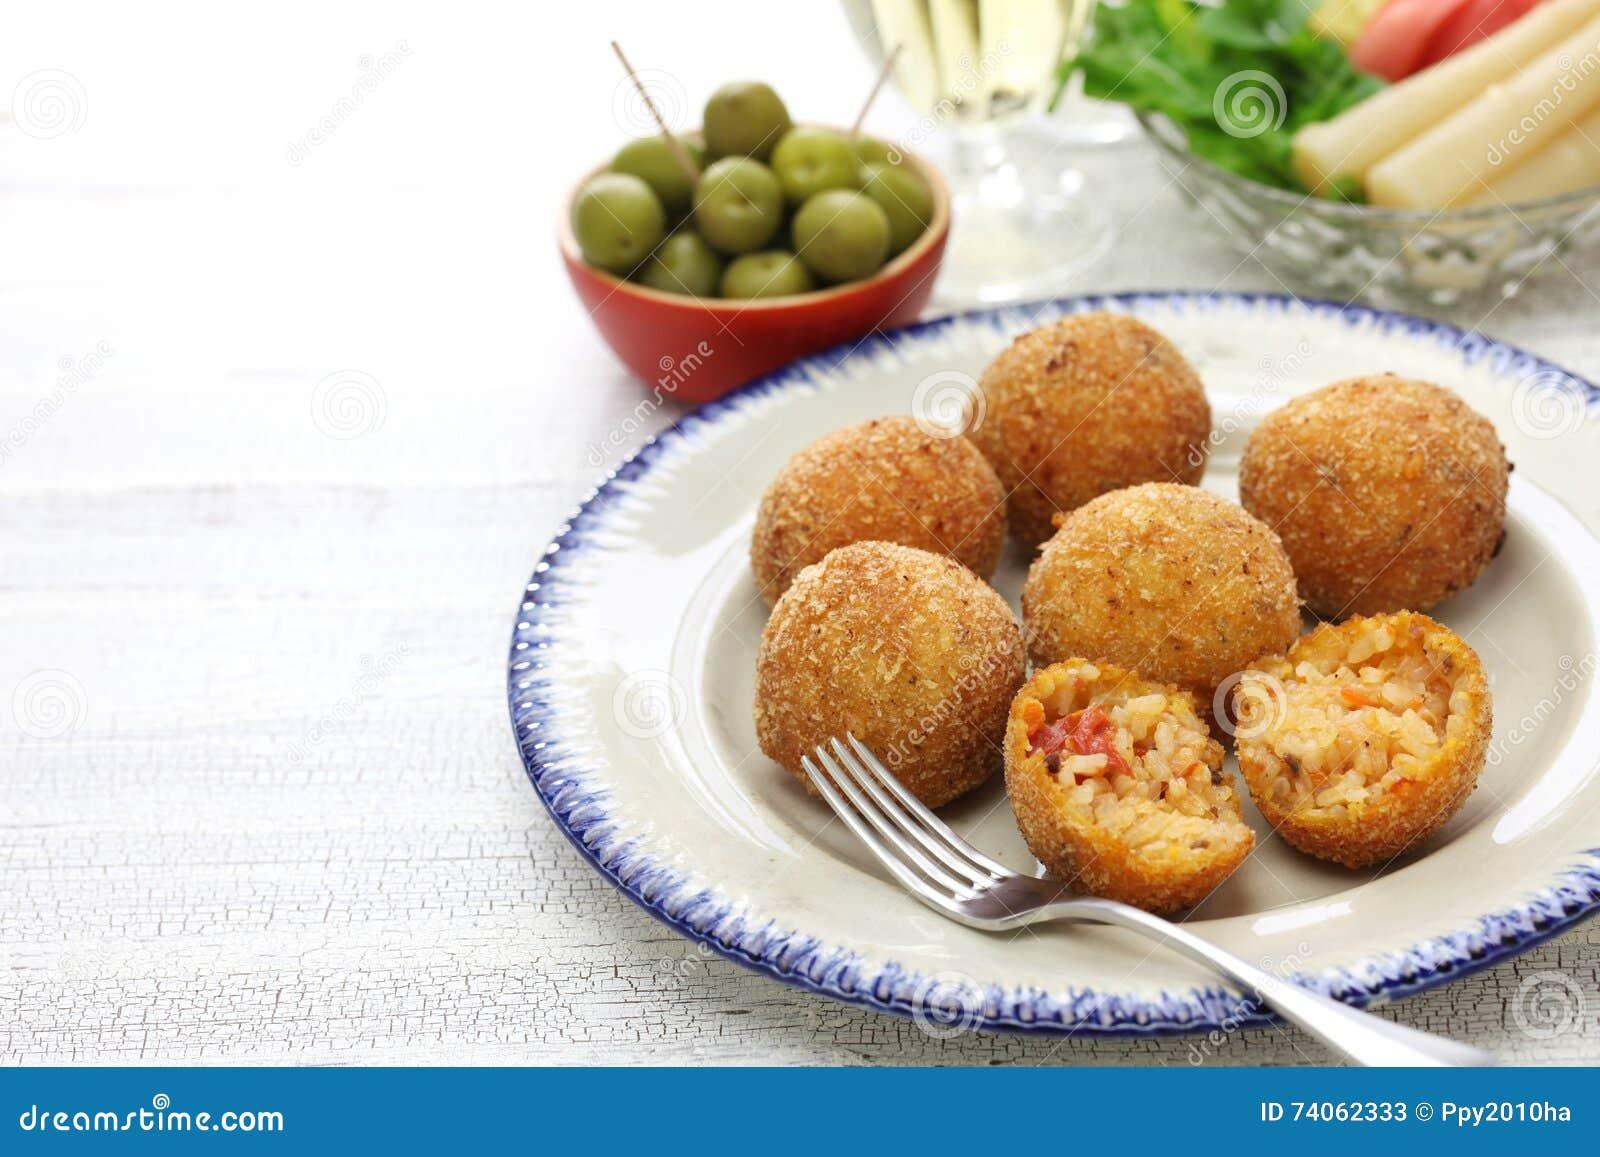 Arancini Di Riso, Italian Risotto Rice Balls Stock Photo - Image ...